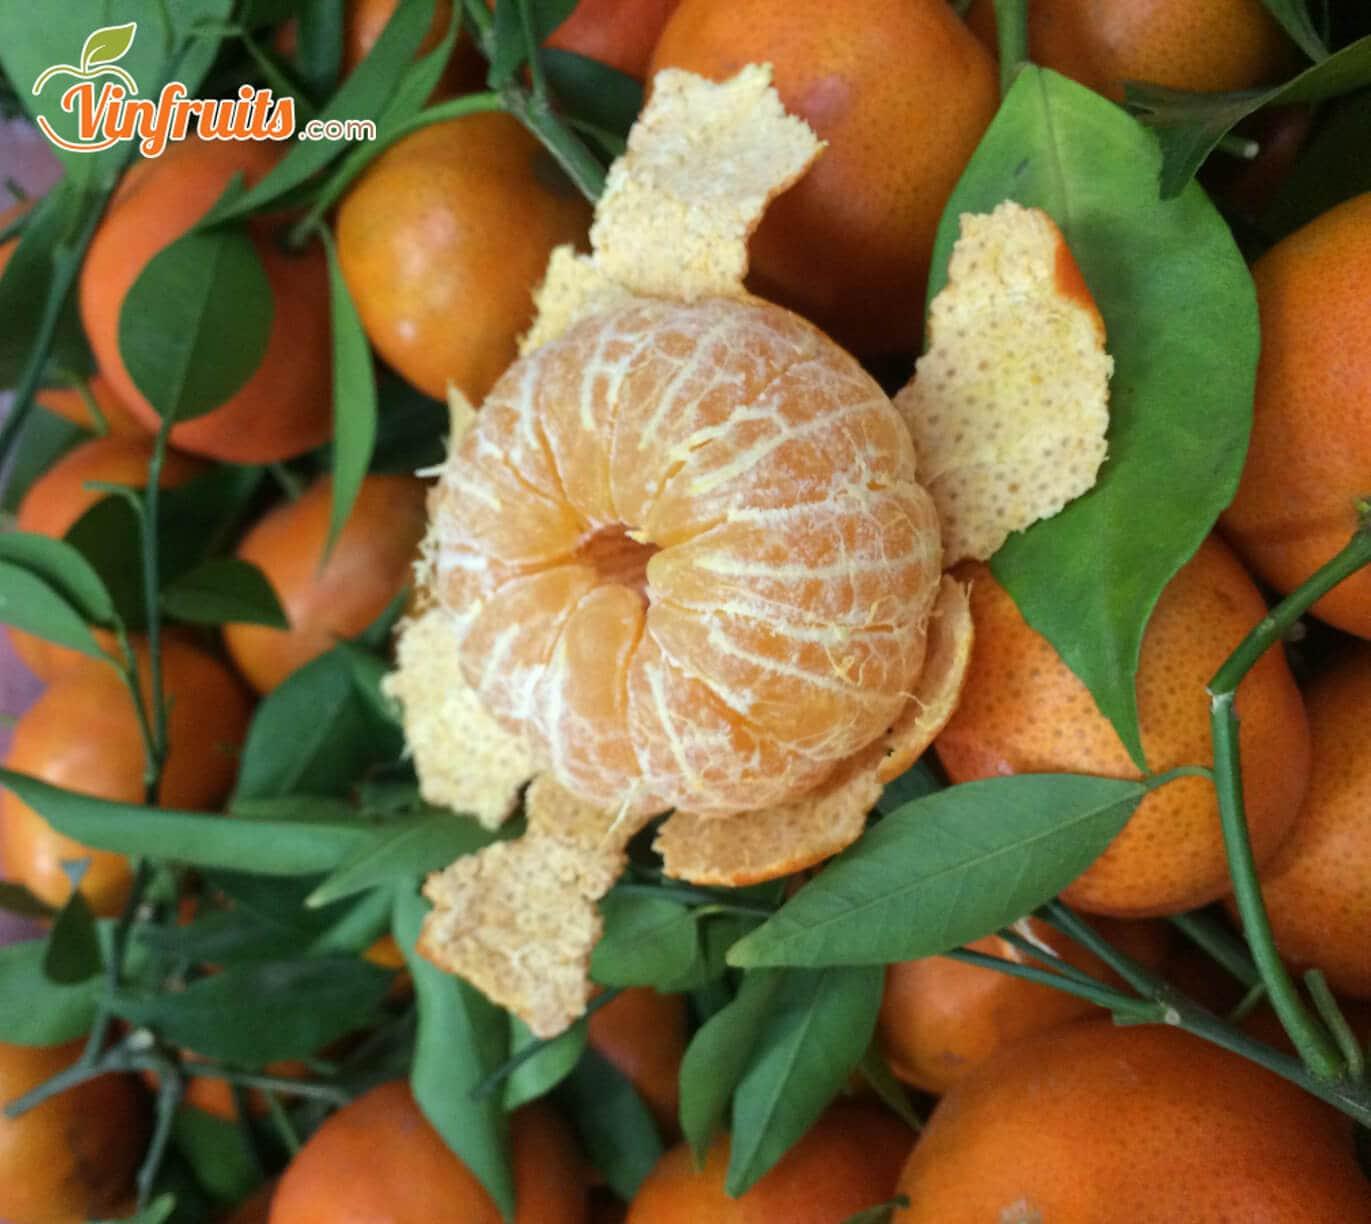 Cam canh trái nhỏ, mỏng vỏ, thơm ngon - Vinfruits